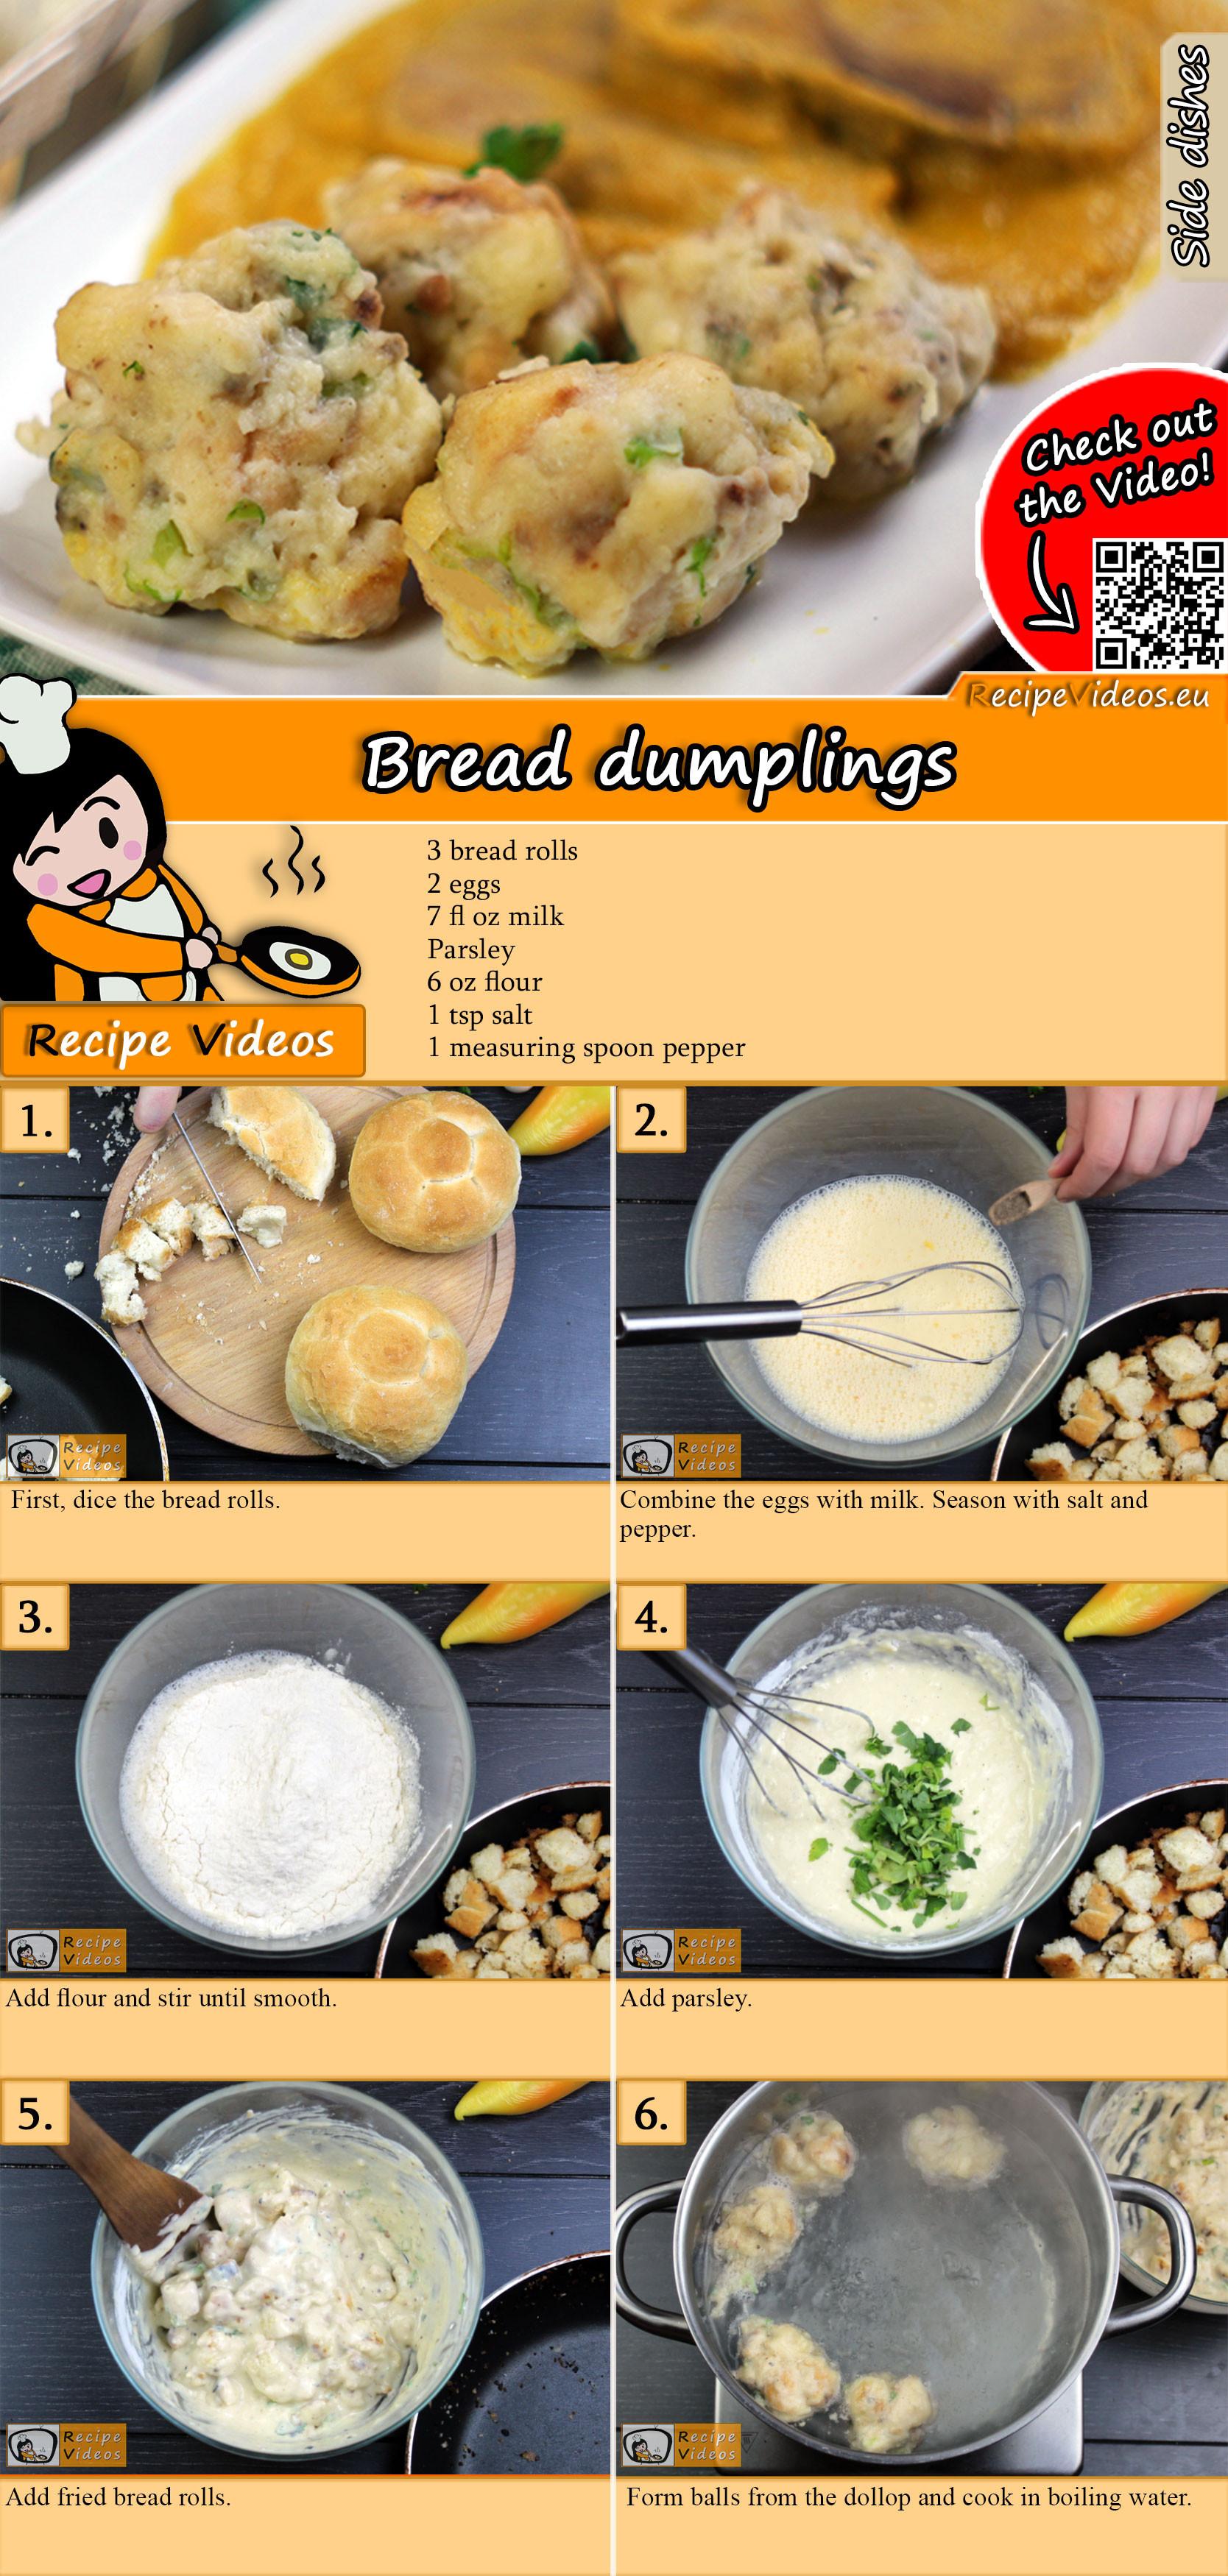 Bread dumplings recipe with video